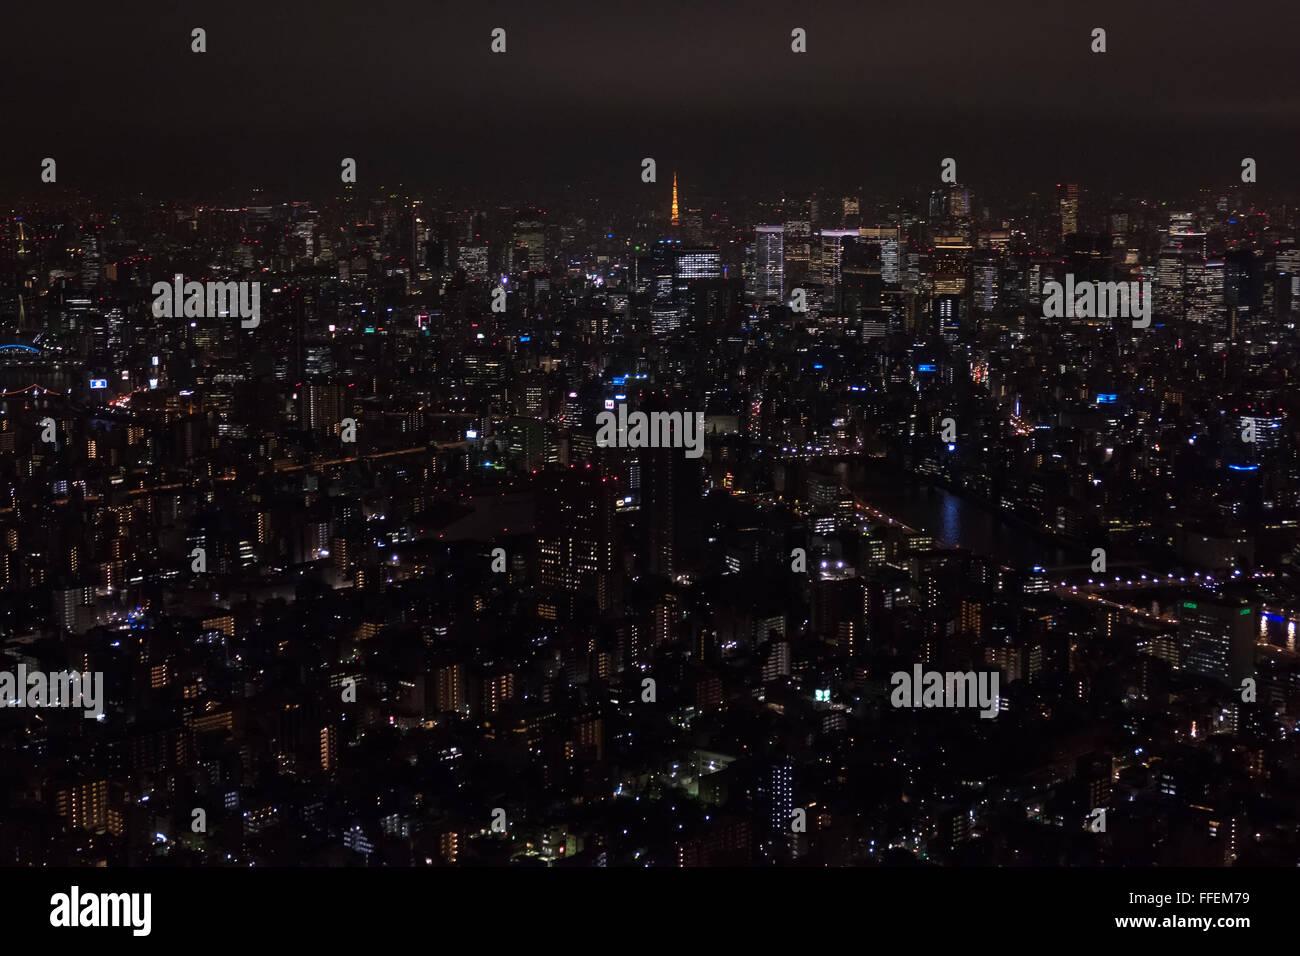 Tokio, Japan, Asien. Panoramablick auf die Stadt bei Nacht vom Skytree Tower. Asiatischen Stadtlandschaft, japanische Stockbild